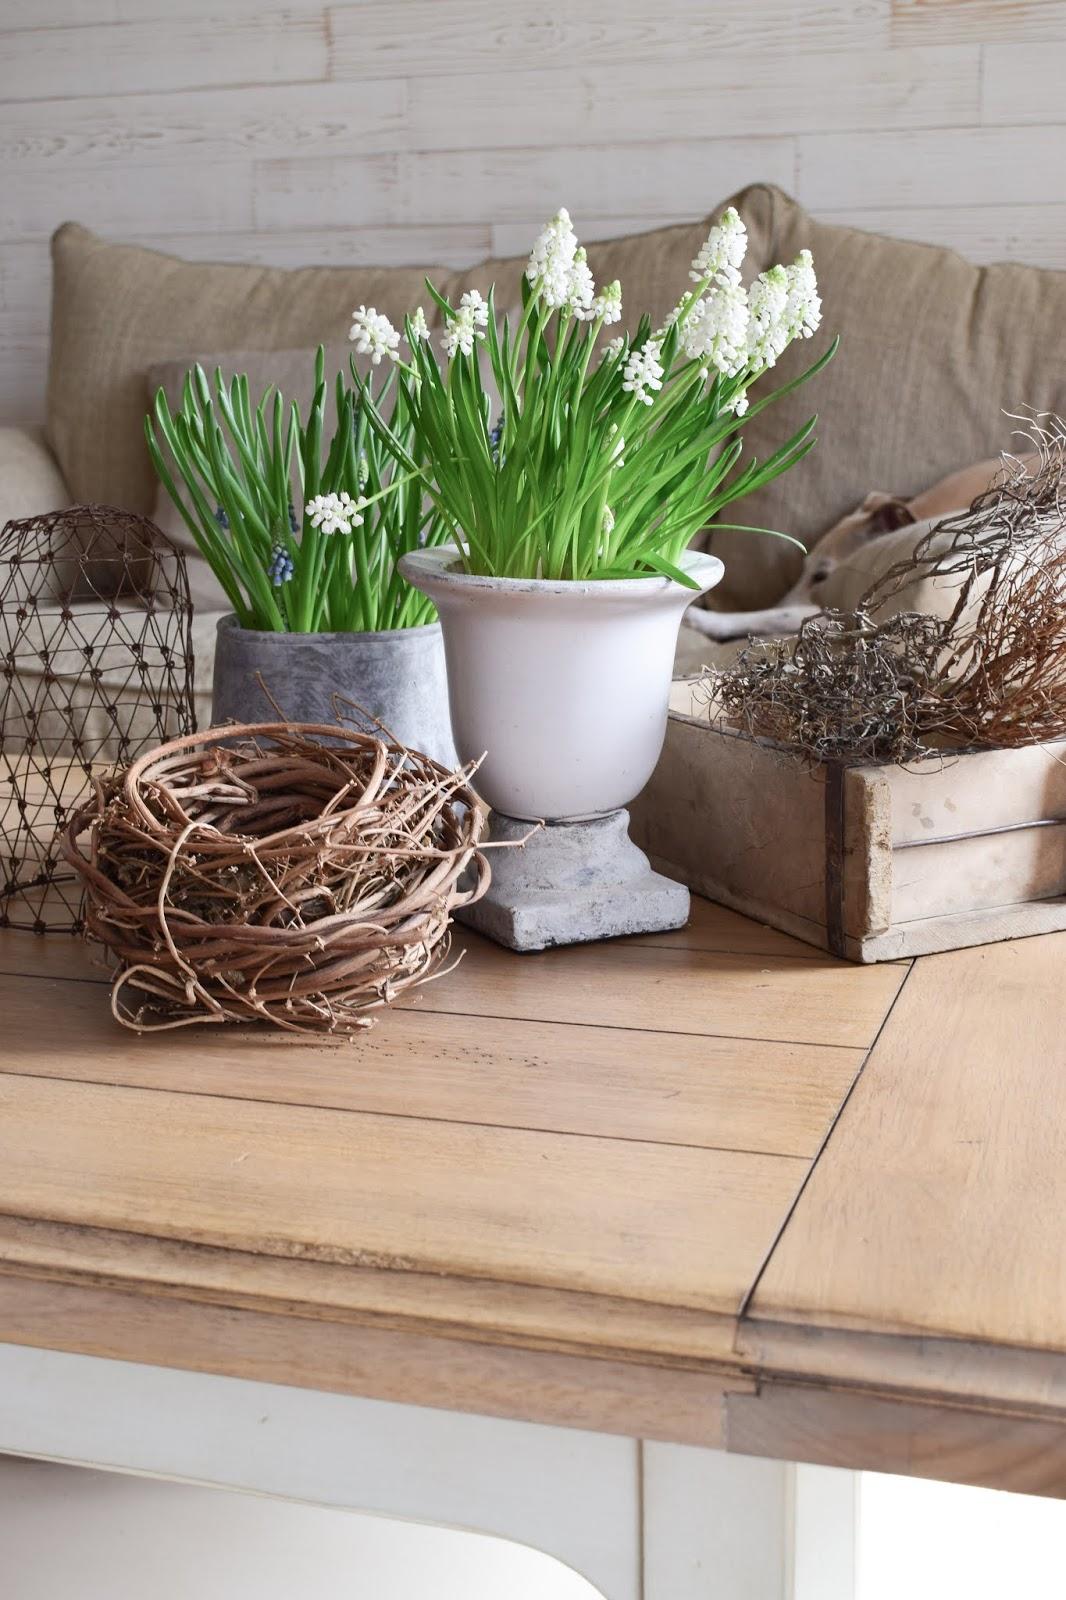 Deko Perlhyazinthen Tischdeko Dekoidee Wohnzimmer Interior natürlich dekorieren Dekotipp Holzdeko Landhausdeko Landhausstil Landhaus